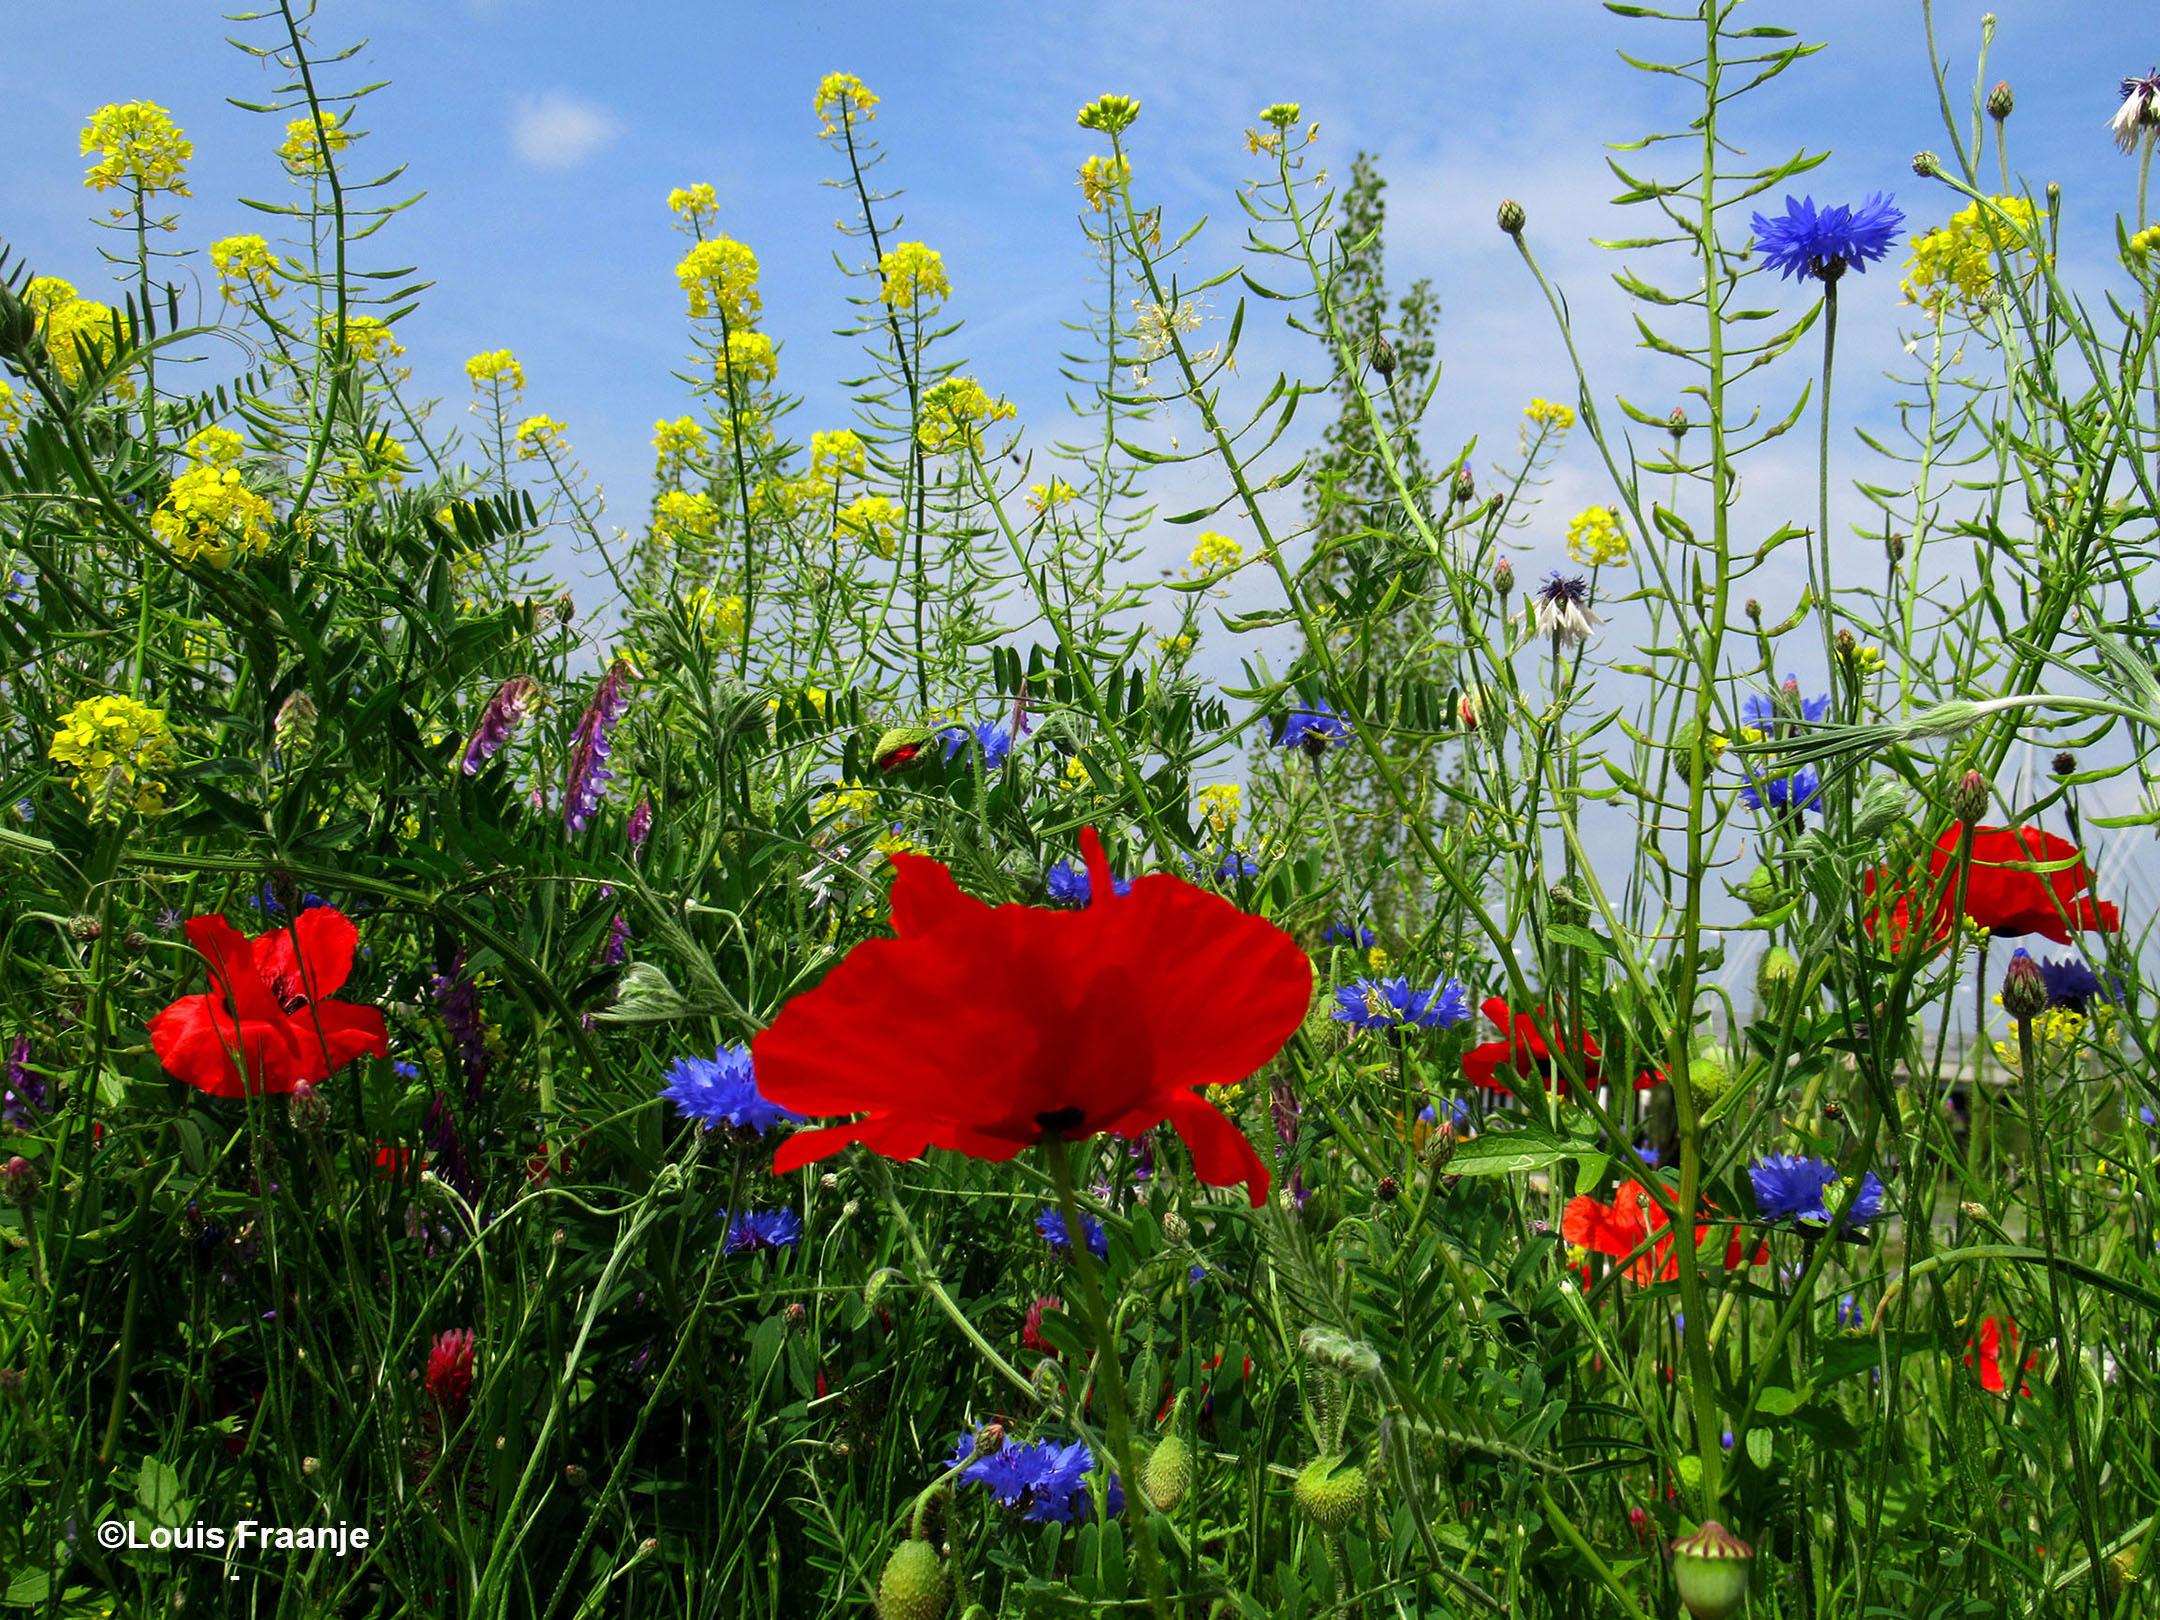 De rode klaprozen en blauwe korenbloemen vallen het meeste op - Foto: ©Louis Fraanje